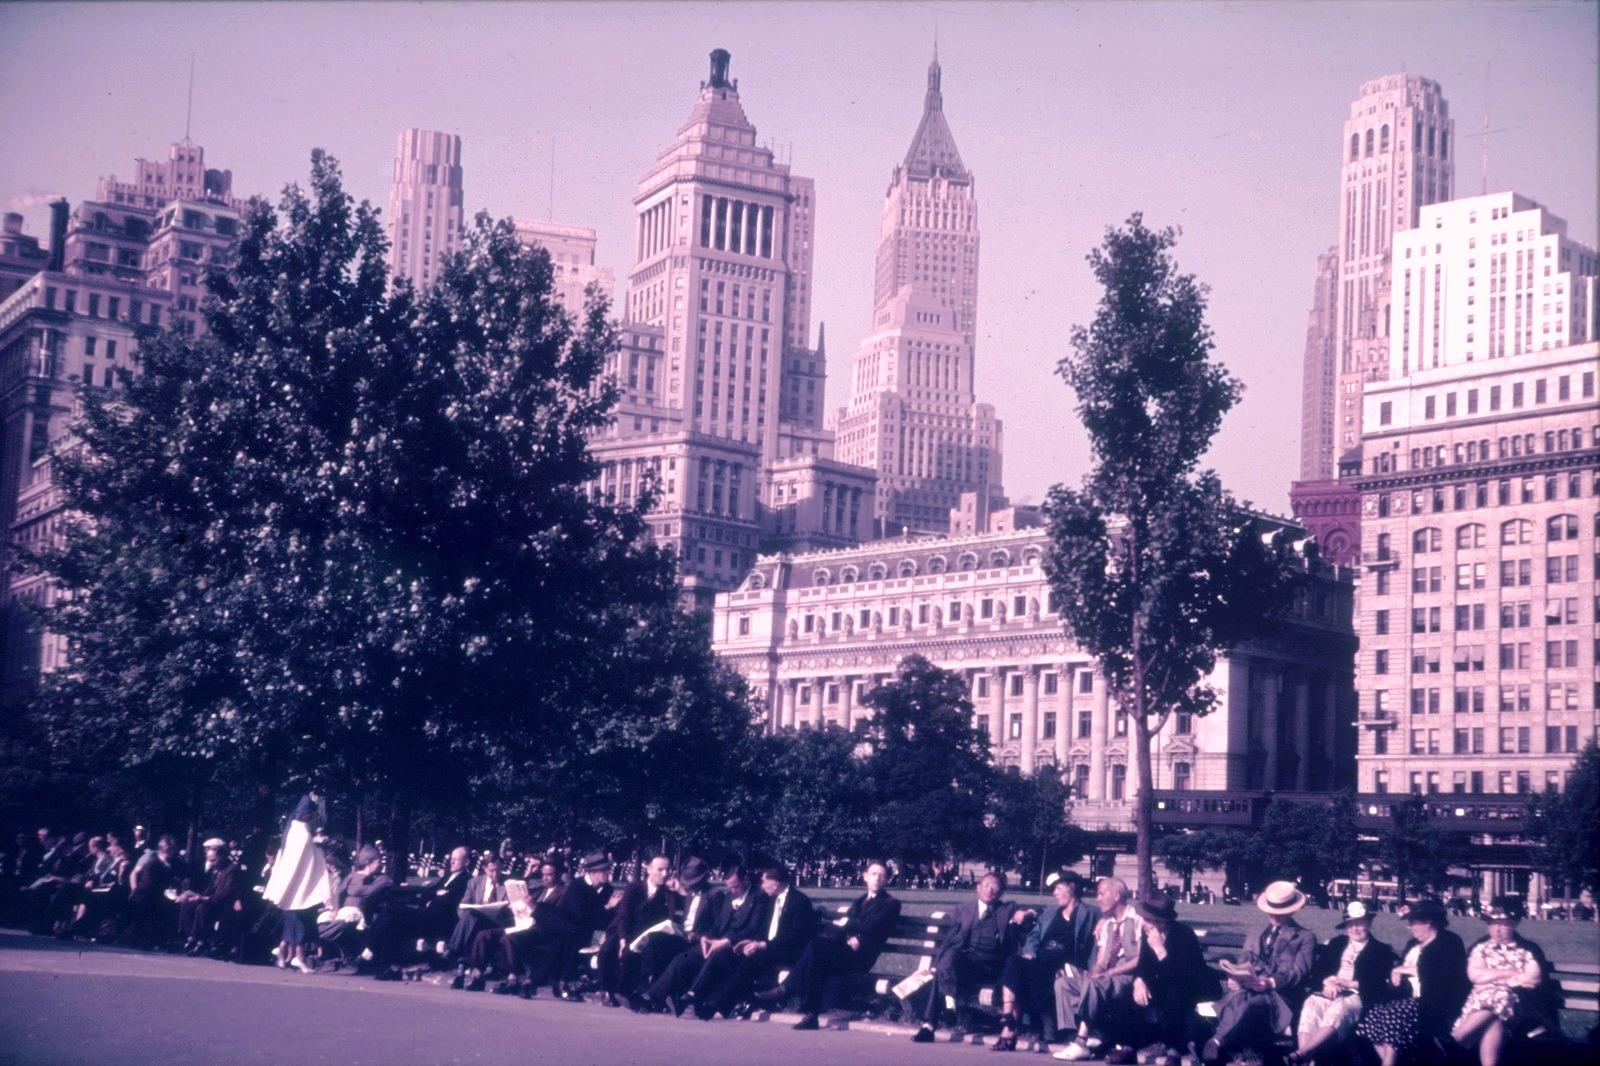 Нью-Йорк. Манхэттен.  Скамейки в Центральном парке. Вид на небоскребы